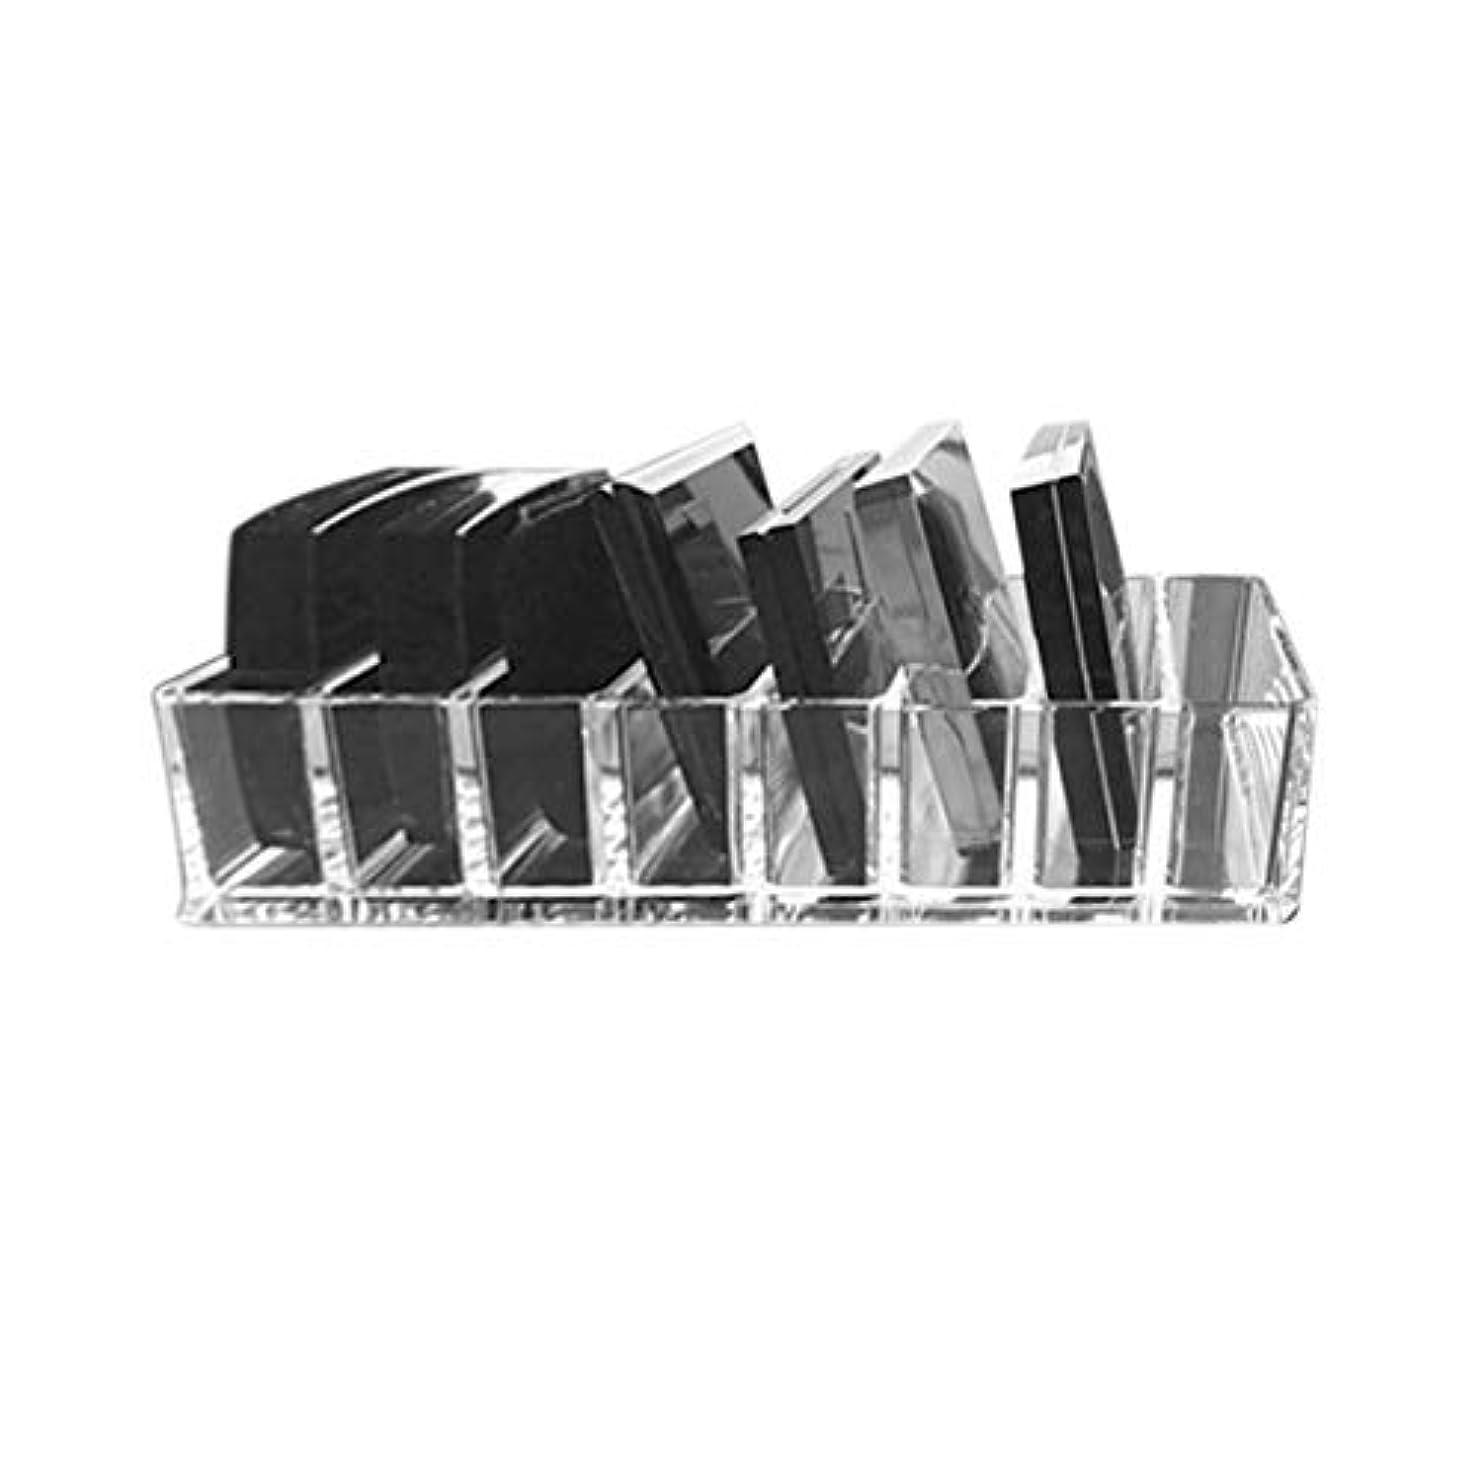 そこからぐるぐる追記Saikogoods 実用的な透明アクリルメイクアレンジストレージボックスリップスティックホルダー透明なマルチスロットデスクトップ化粧品オーガナイザー トランスペアレント